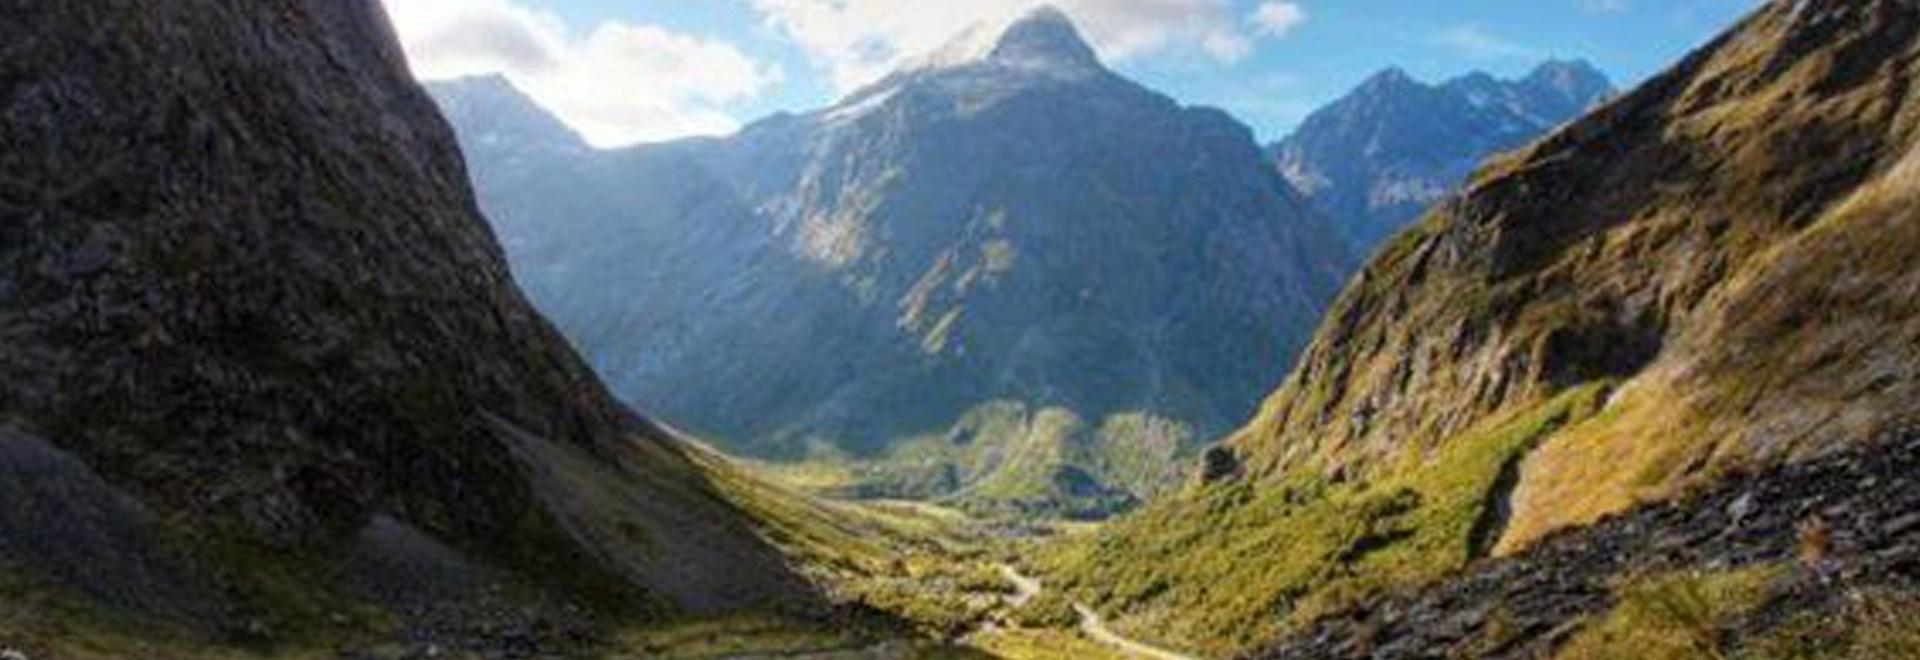 Wild Nuova Zelanda: l'ultimo paradiso